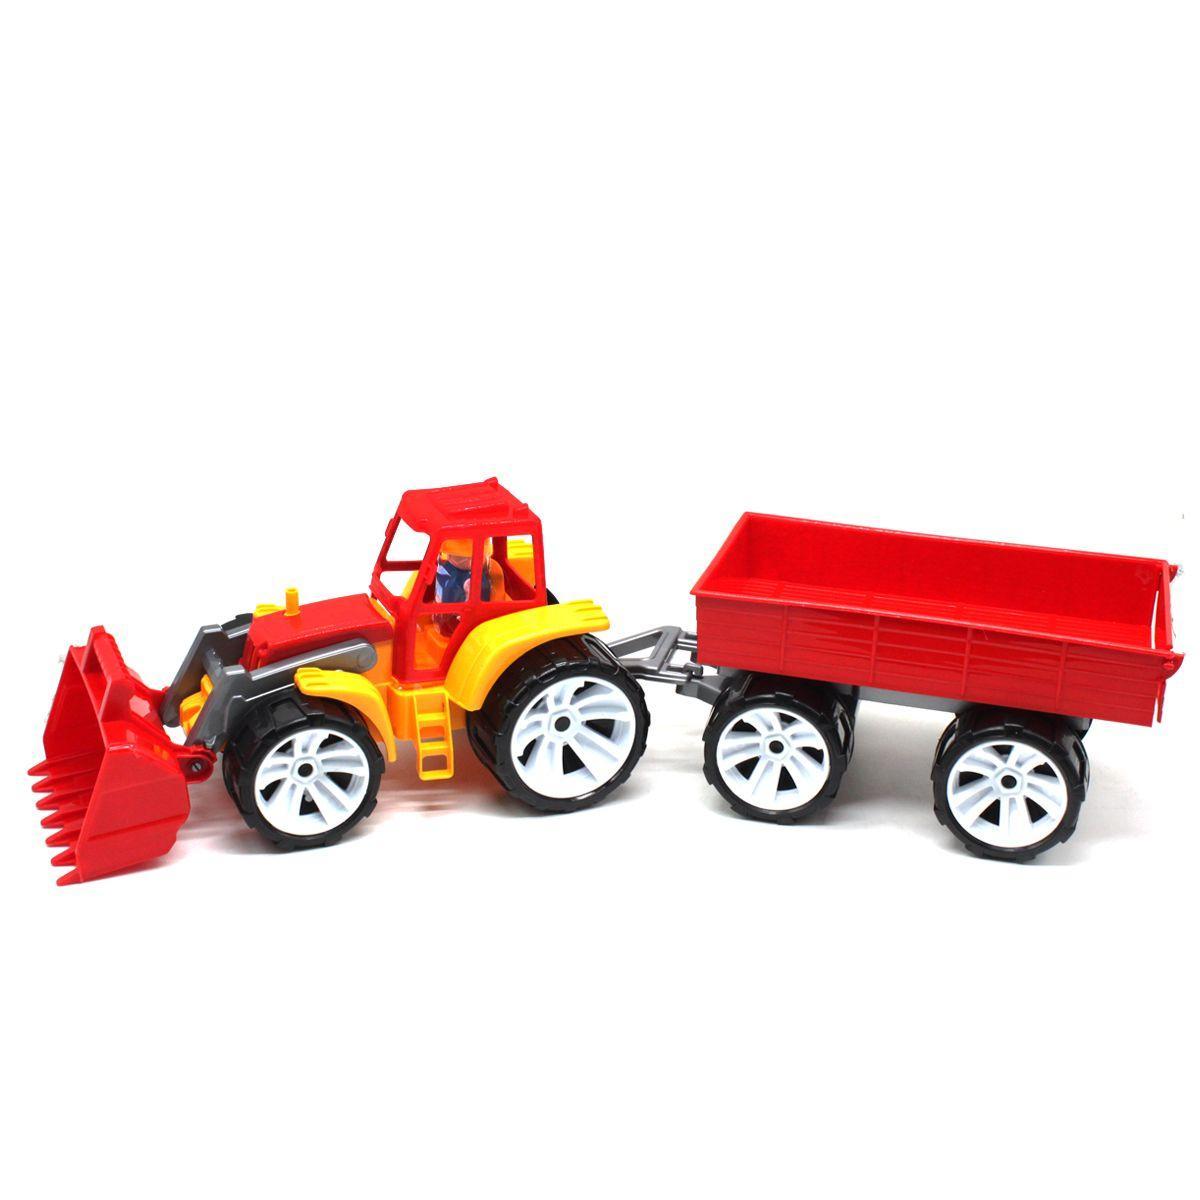 Трактор з причепом, жовтий 007/10 кольоровий